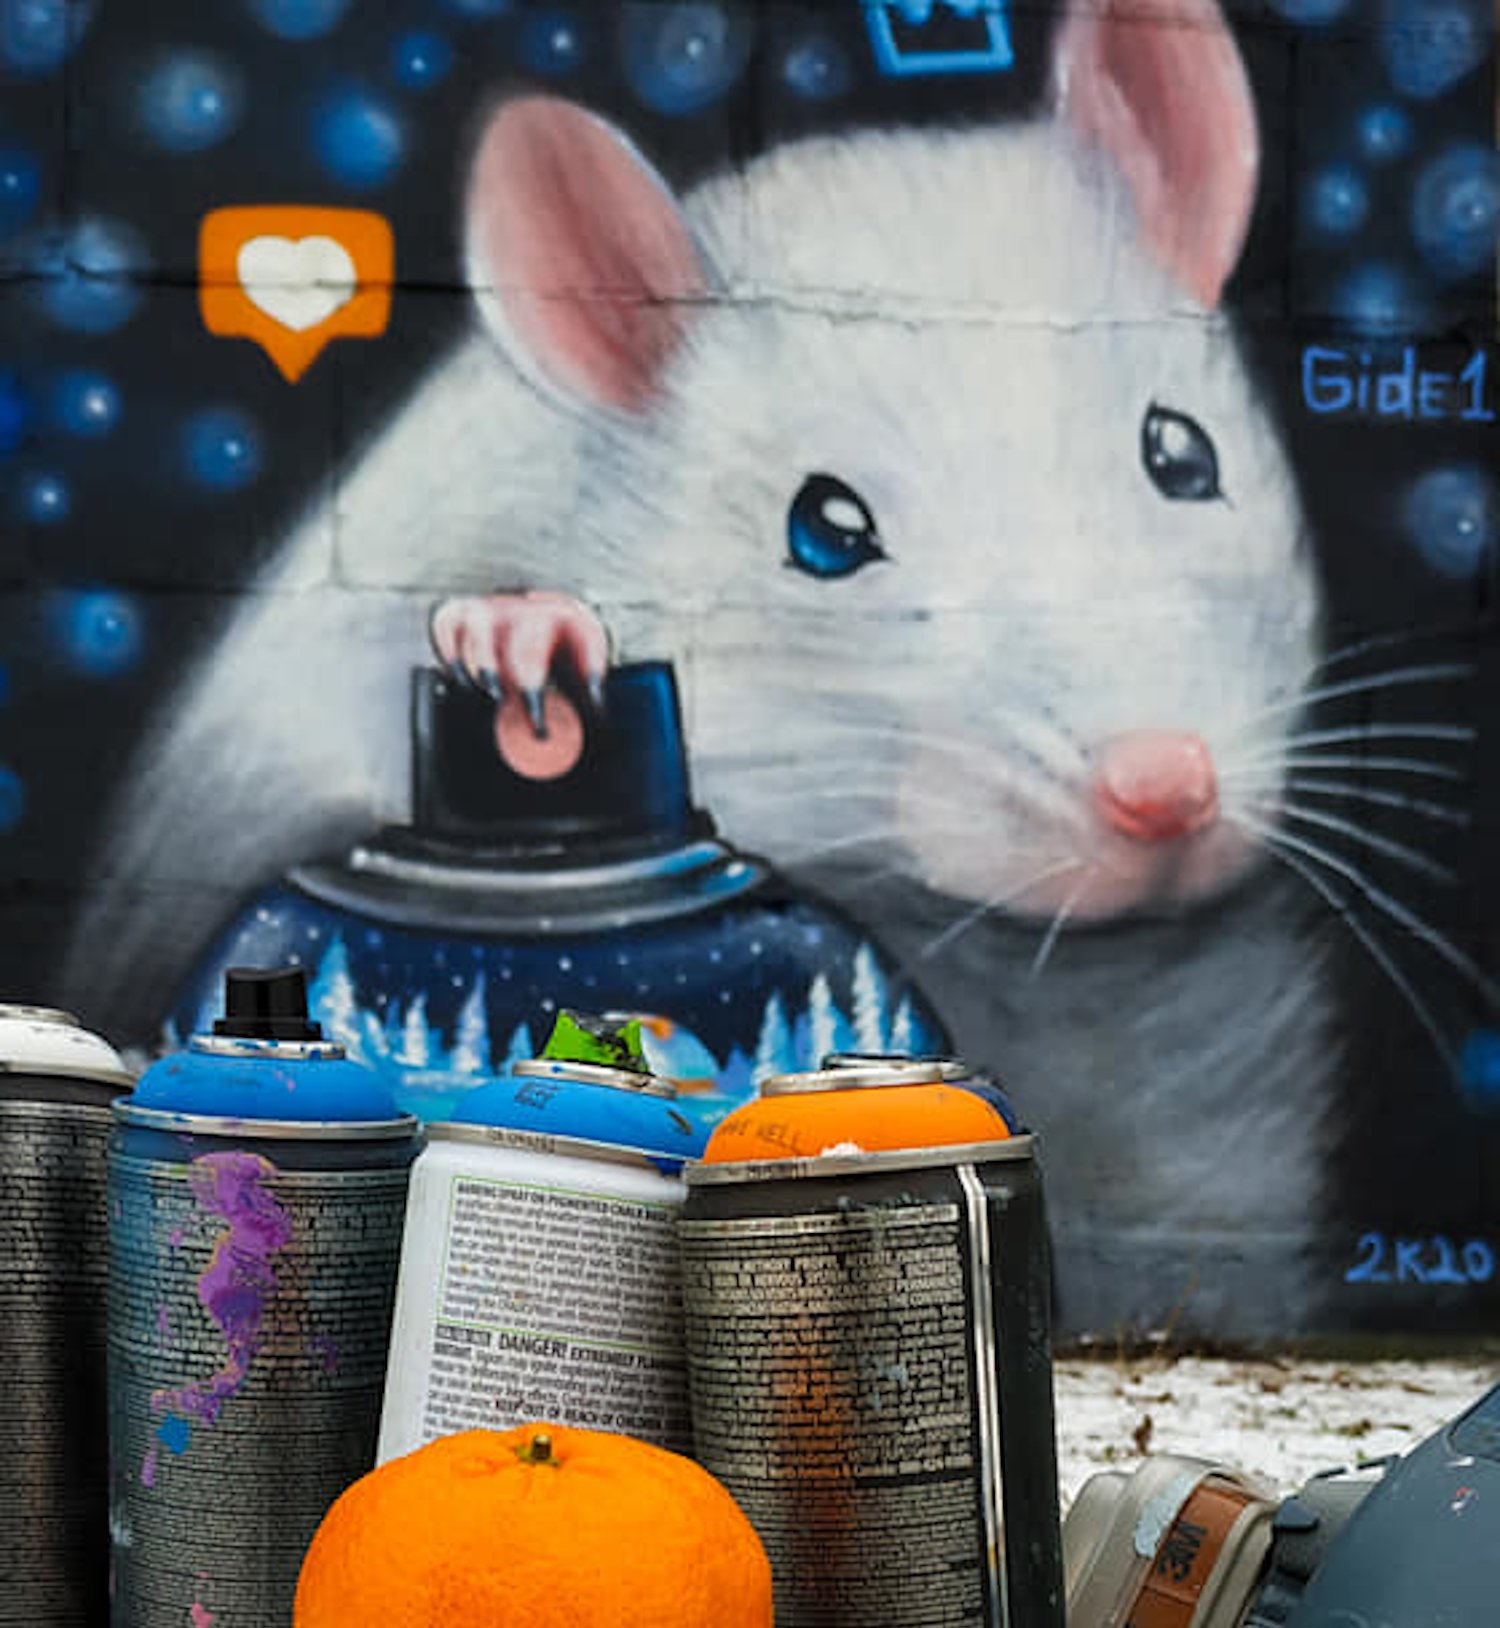 Белая крыса возле Днепра: в столице появился новый мурал